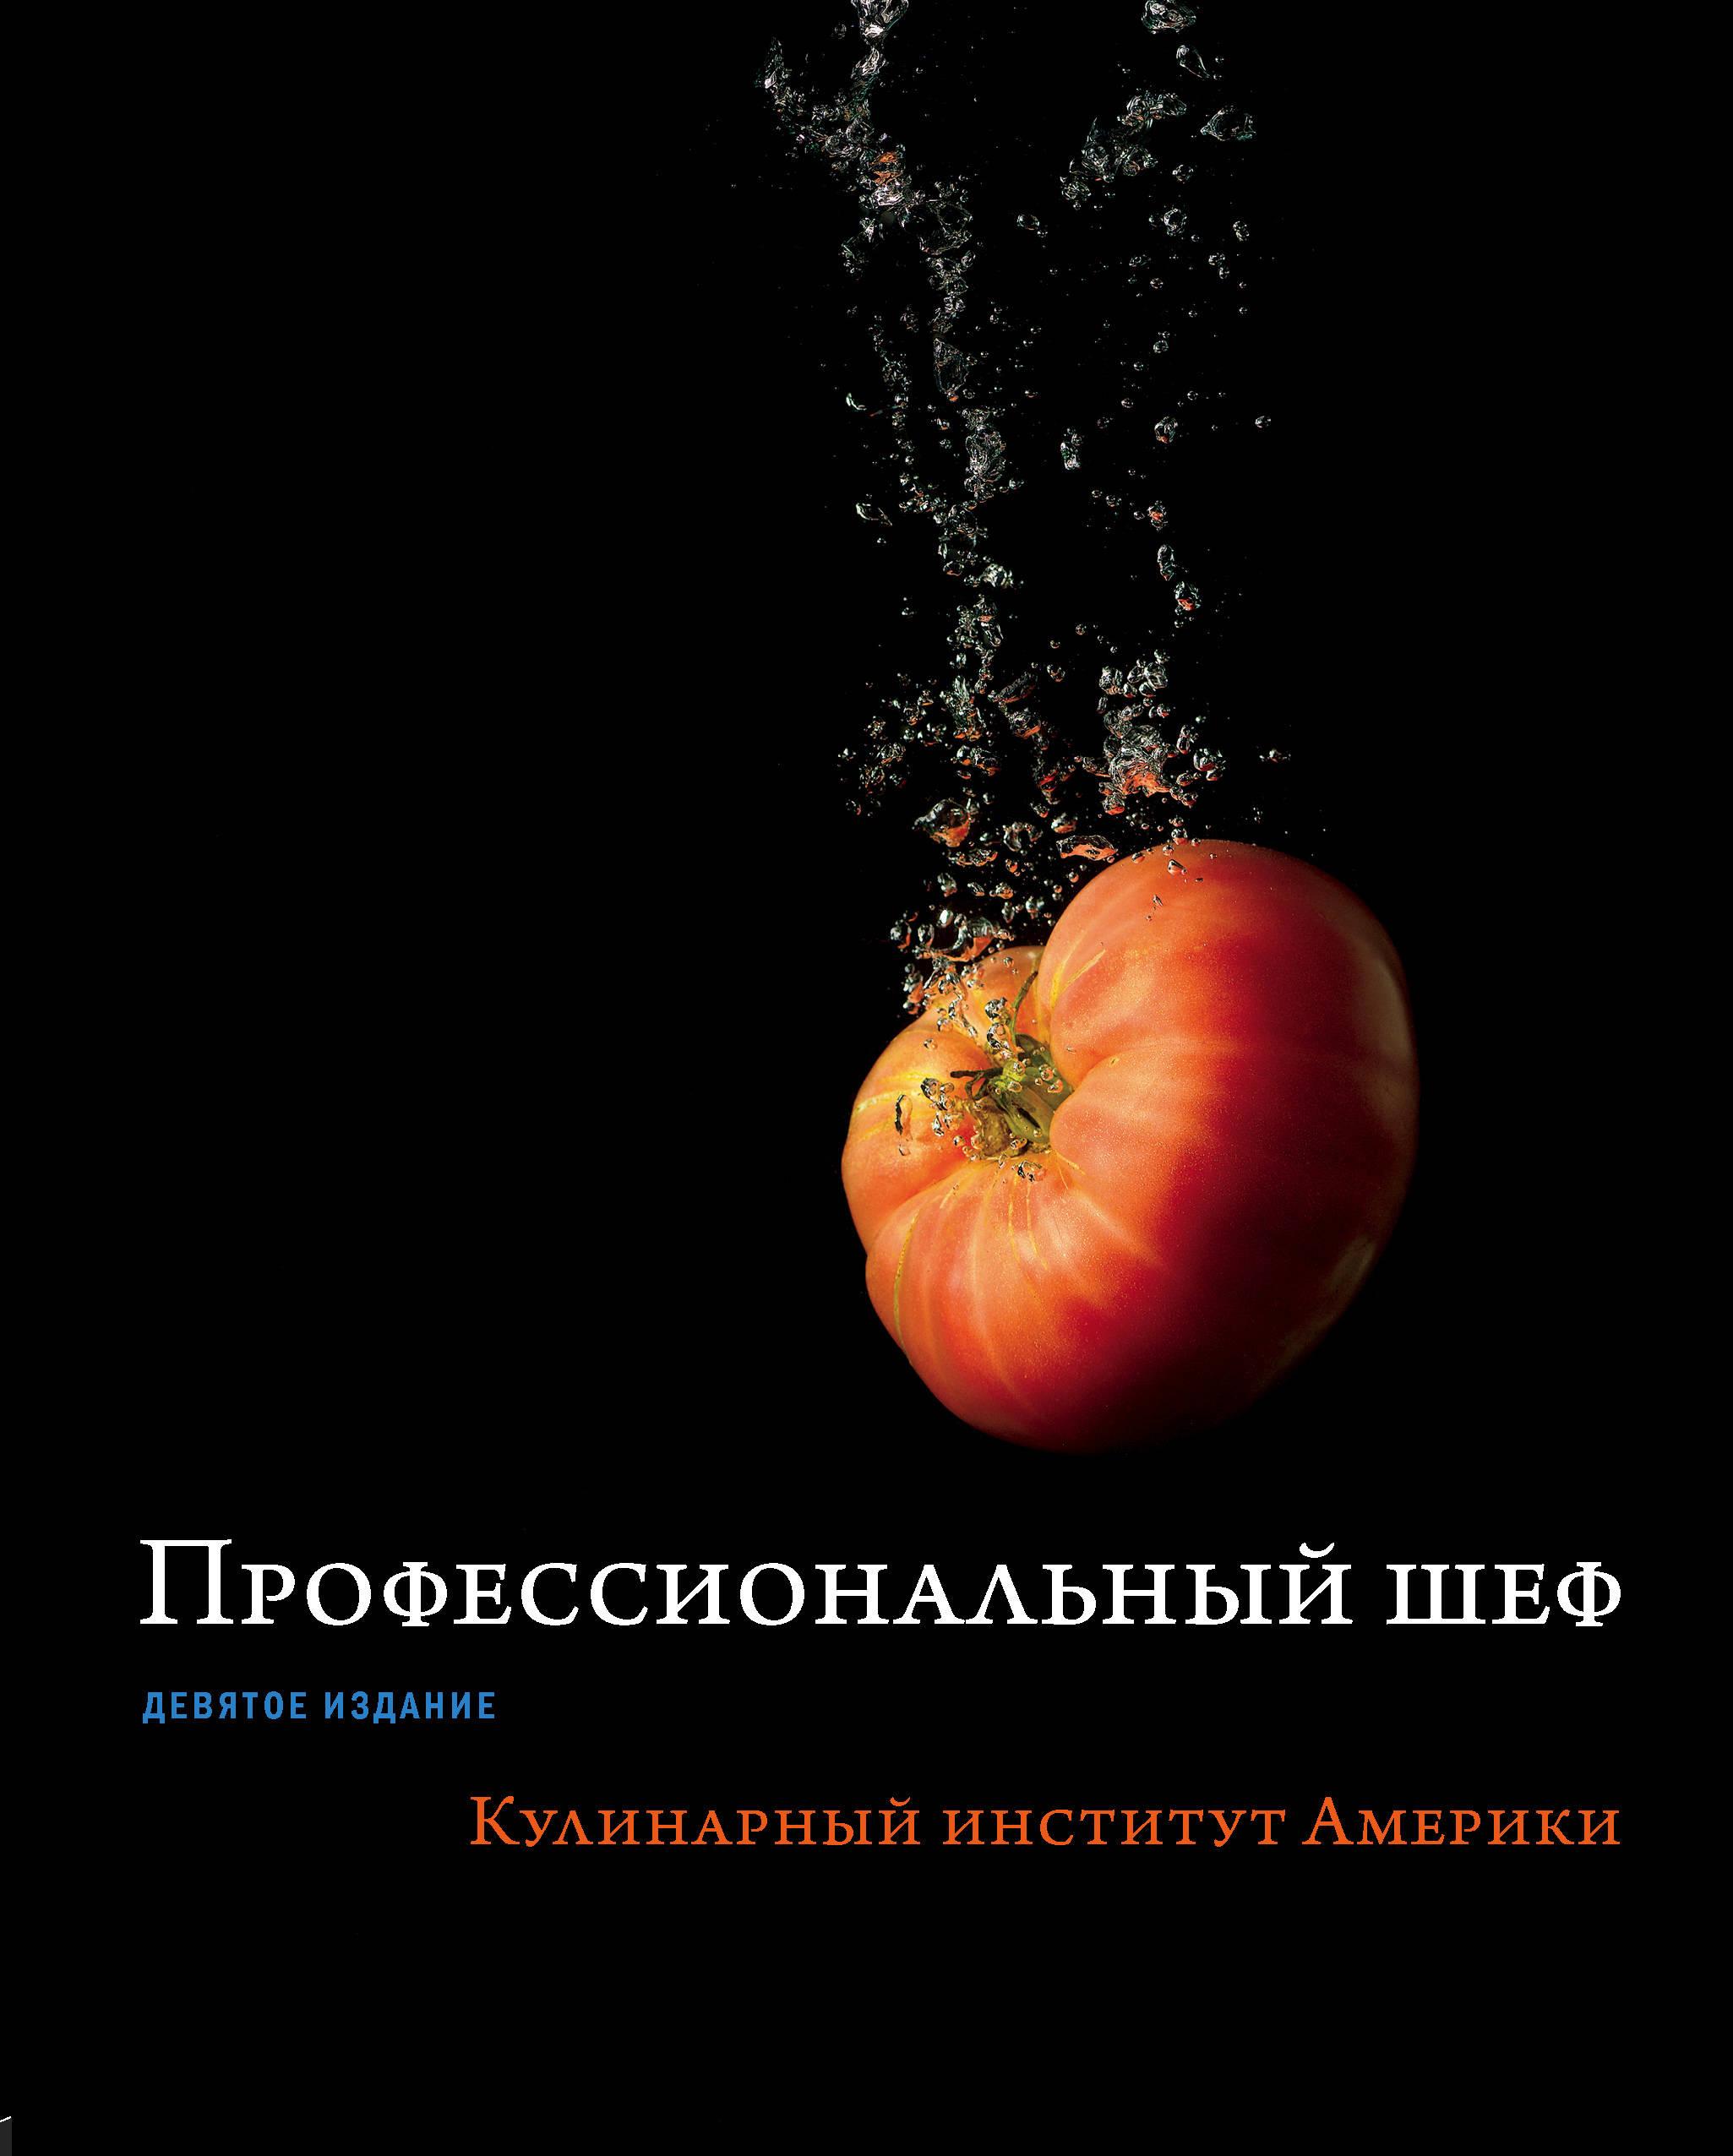 Профессиональный шеф. Кулинарный институт Америки. Девятое издание